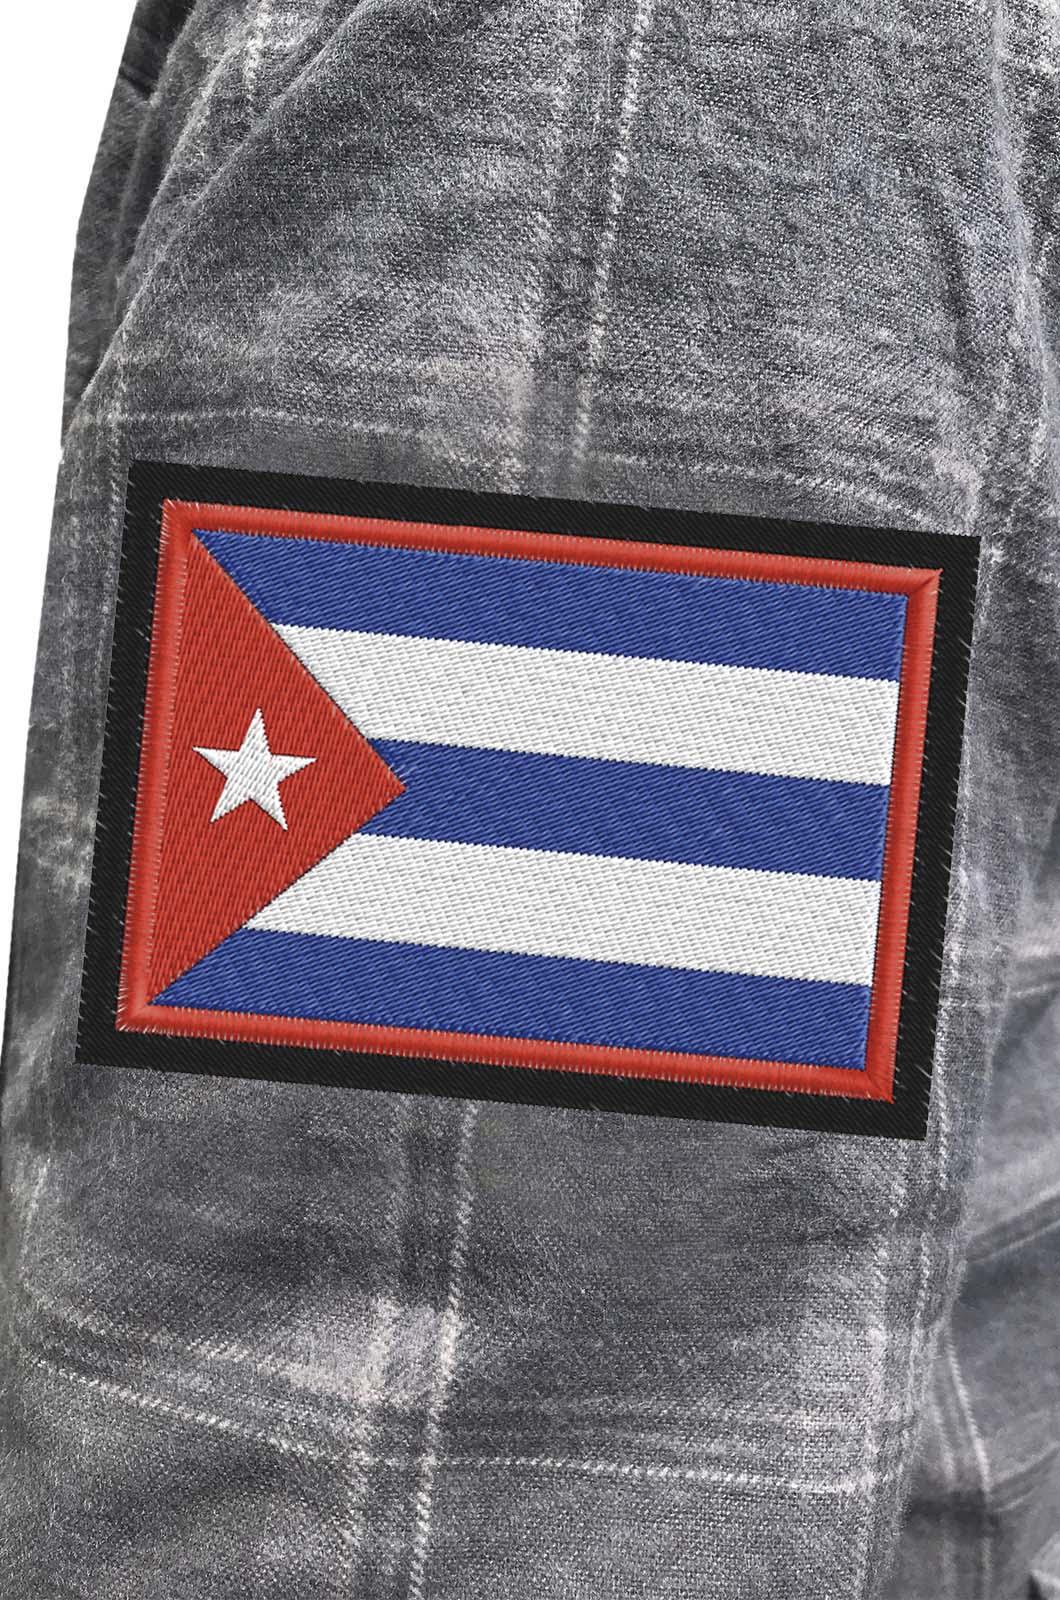 Строгая серая рубашка с вышитым флагом Кубы - купить по низкой цене